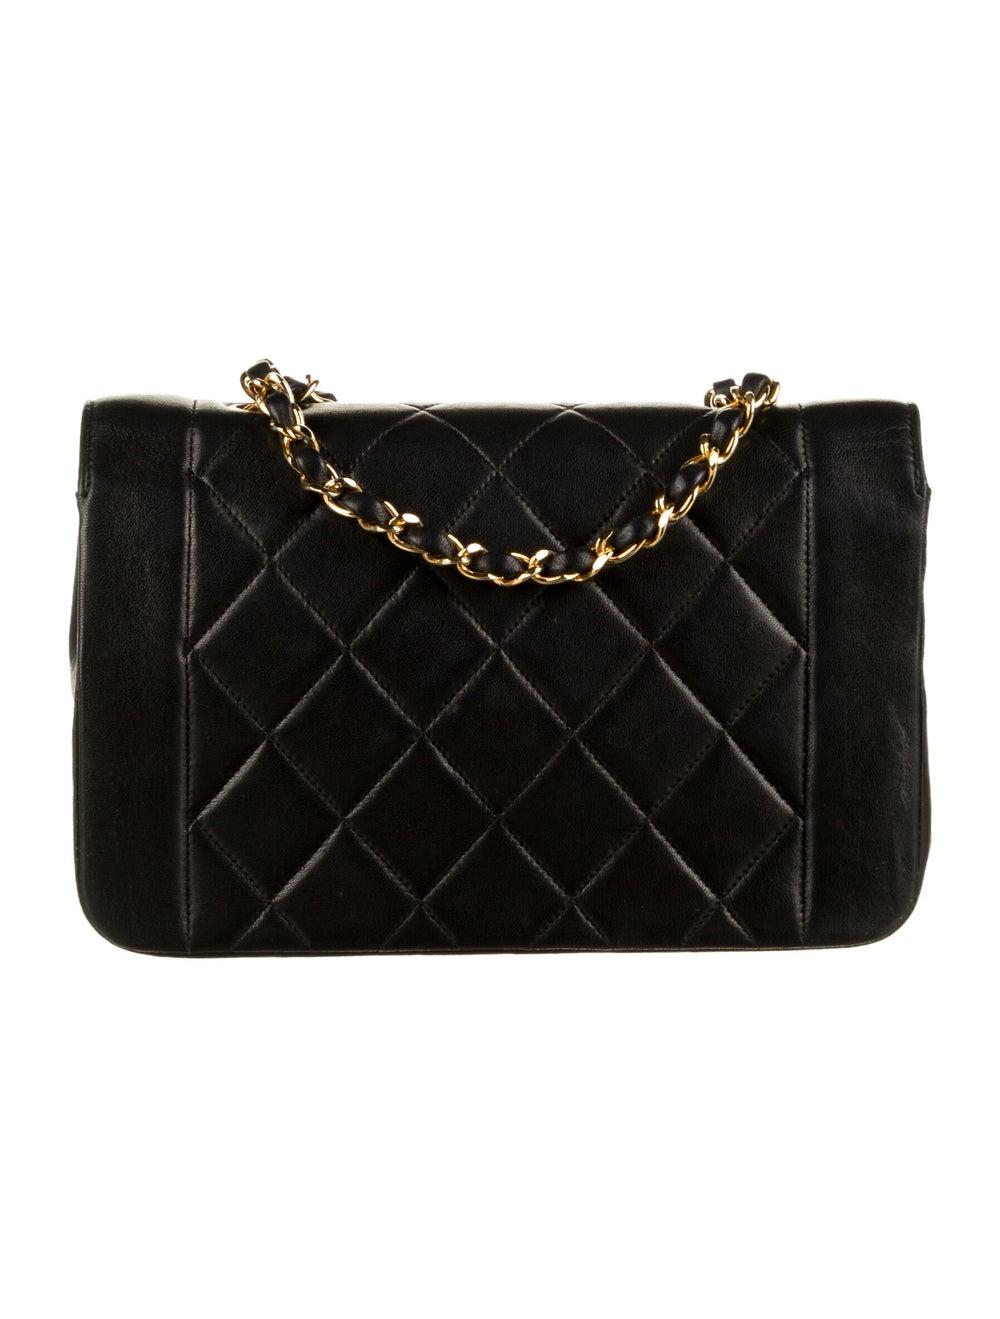 Chanel Vintage Diana Flap Bag Black - image 4